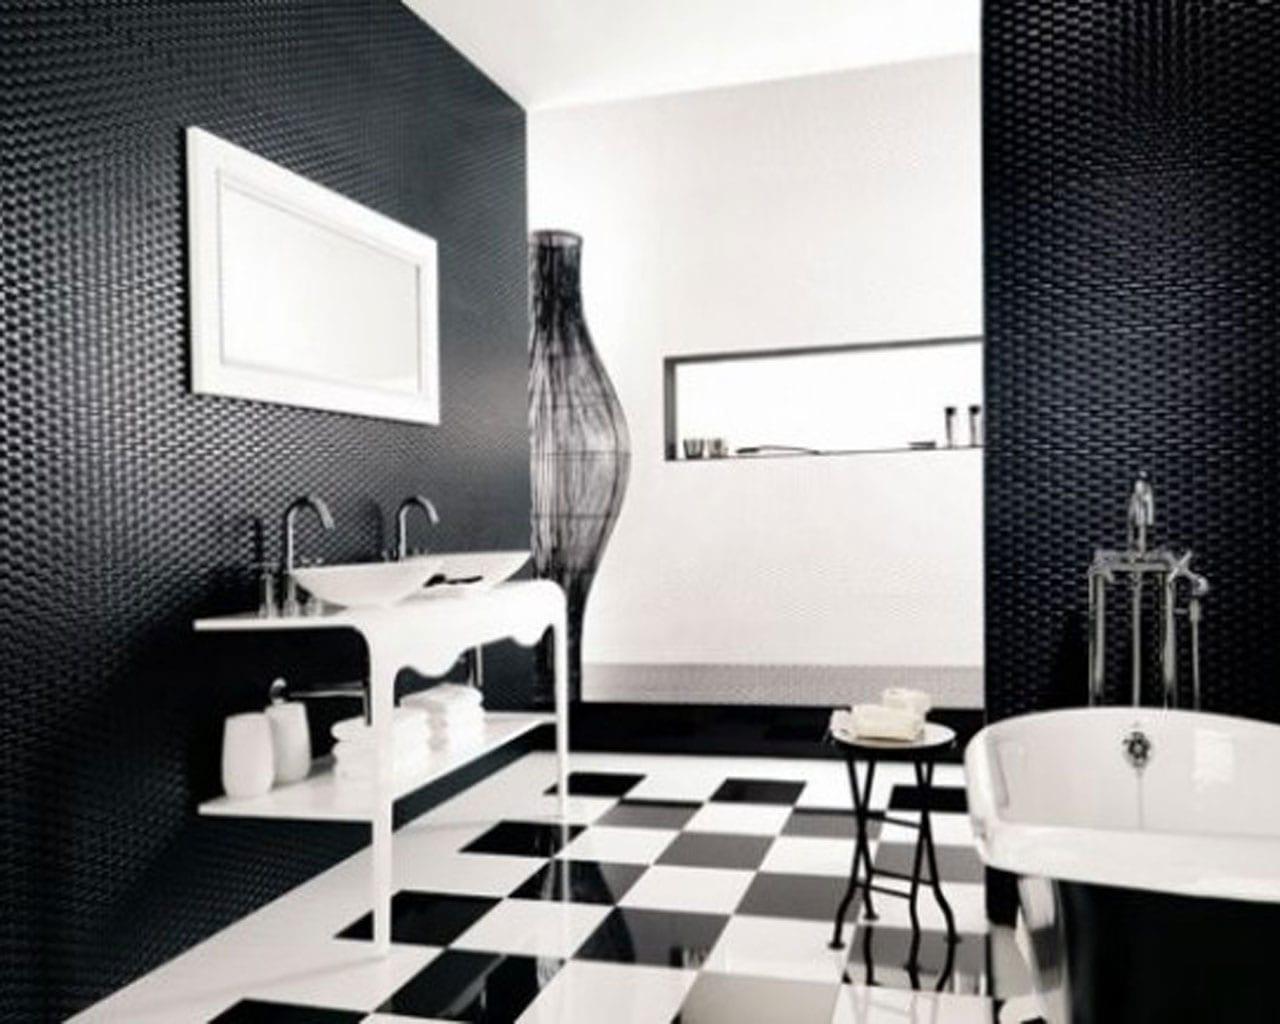 badezimmer mit schwarzen wänden und fliesenboden mit schwarz weißen quadraten-badezimmerspiegel